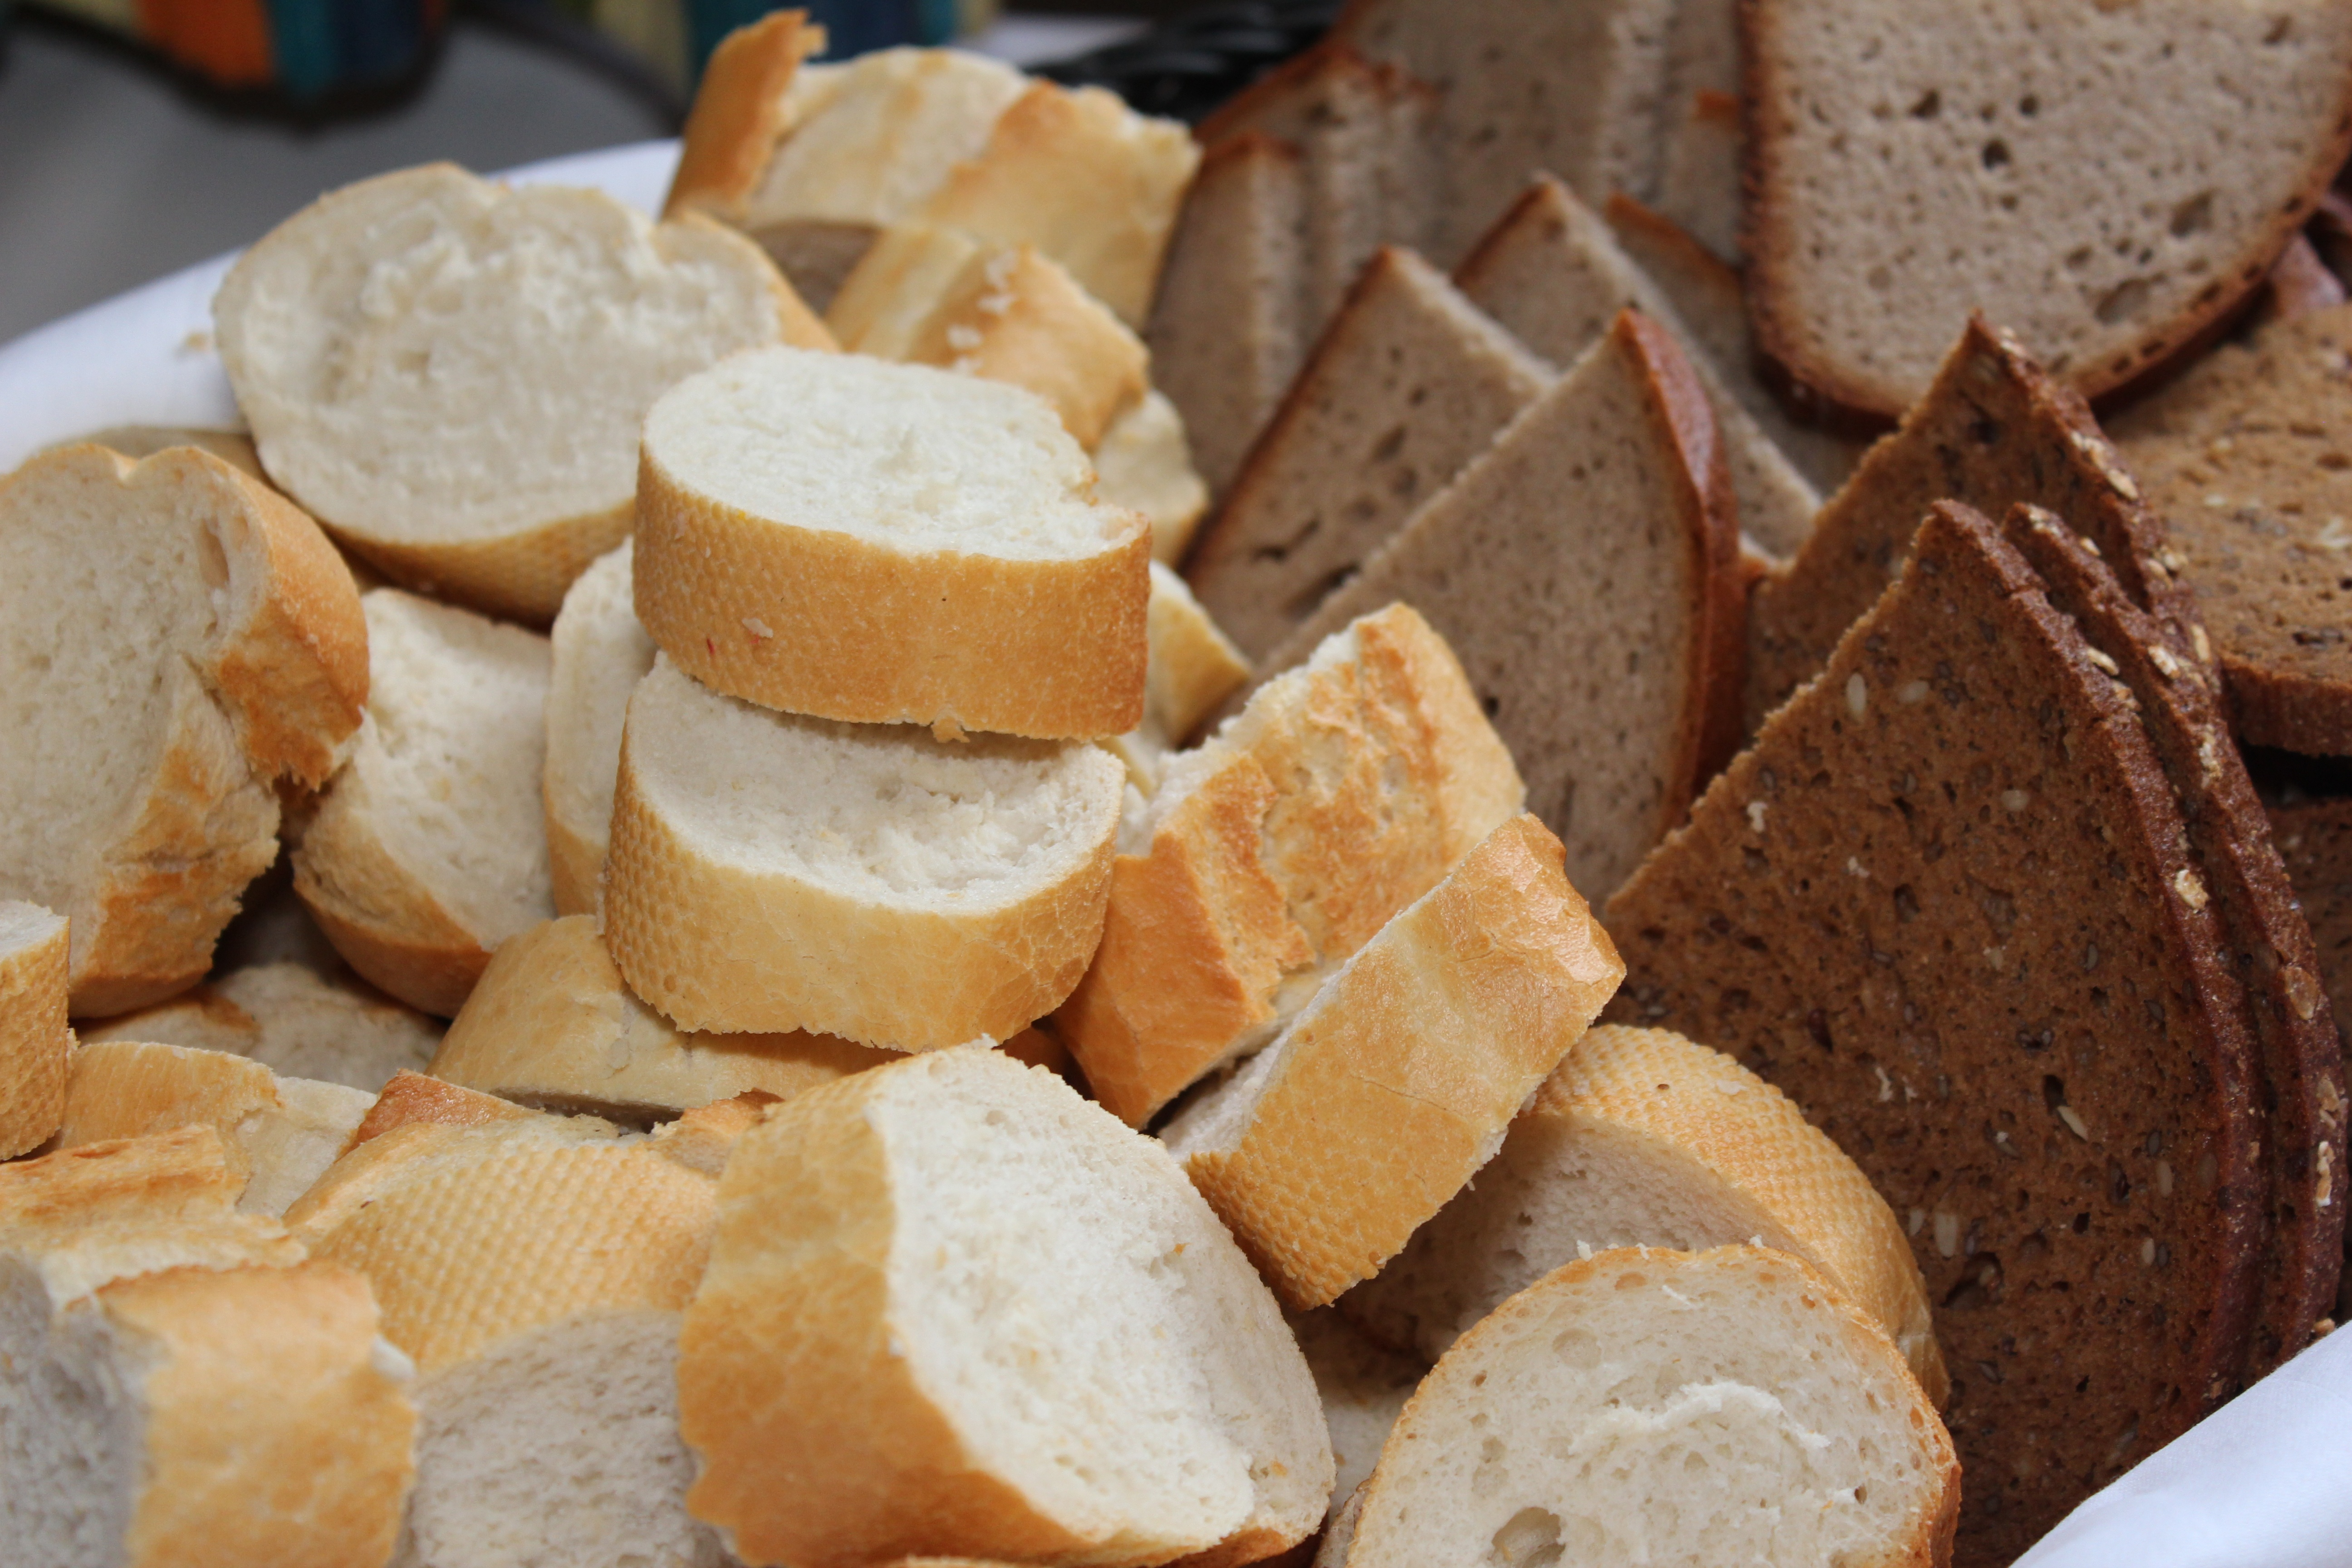 Oración de gratitud por los alimentos y consideración por los que tienen menos